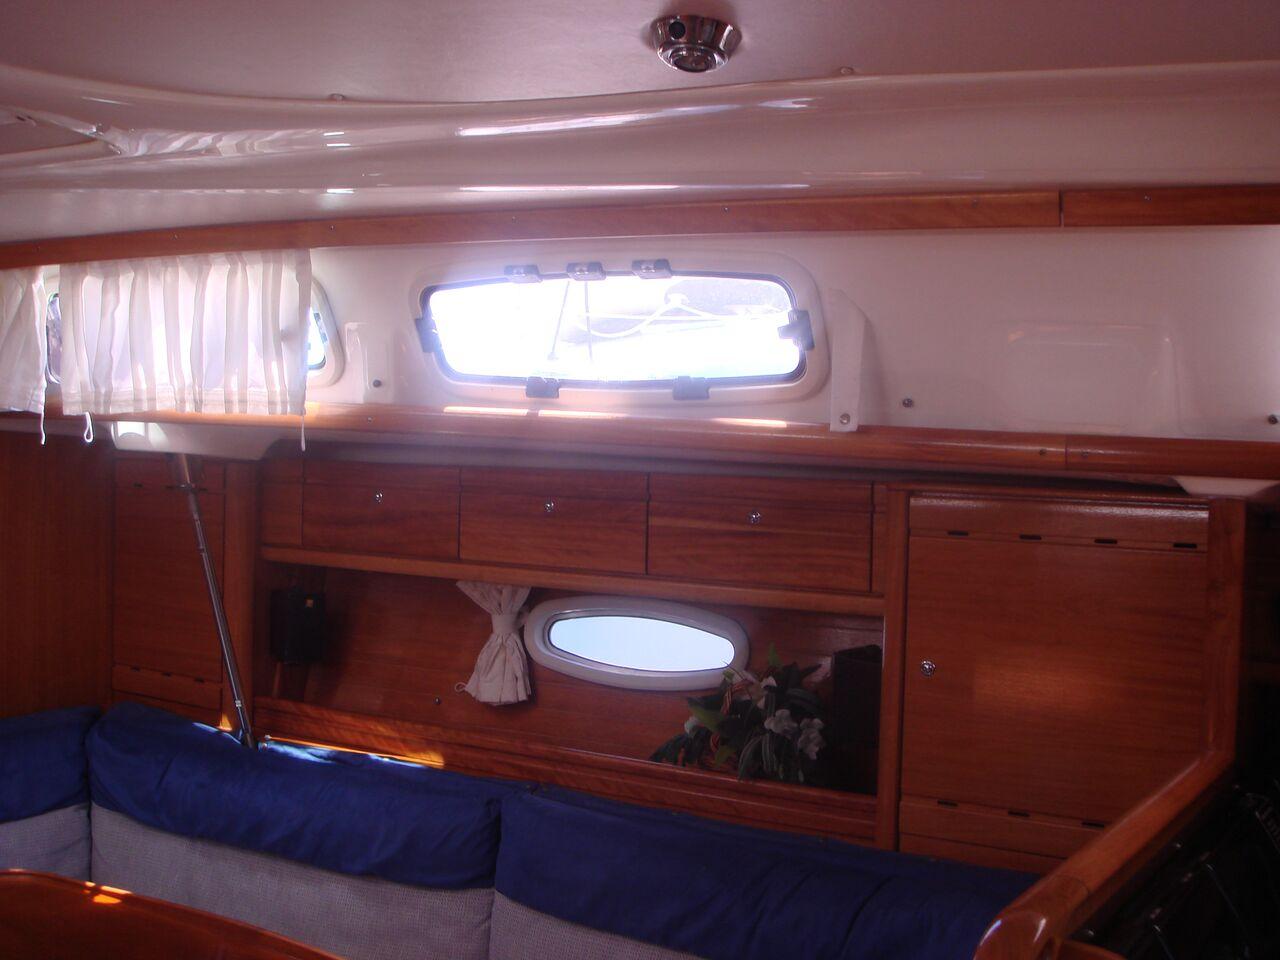 Bavaria cruiser 46, 2006